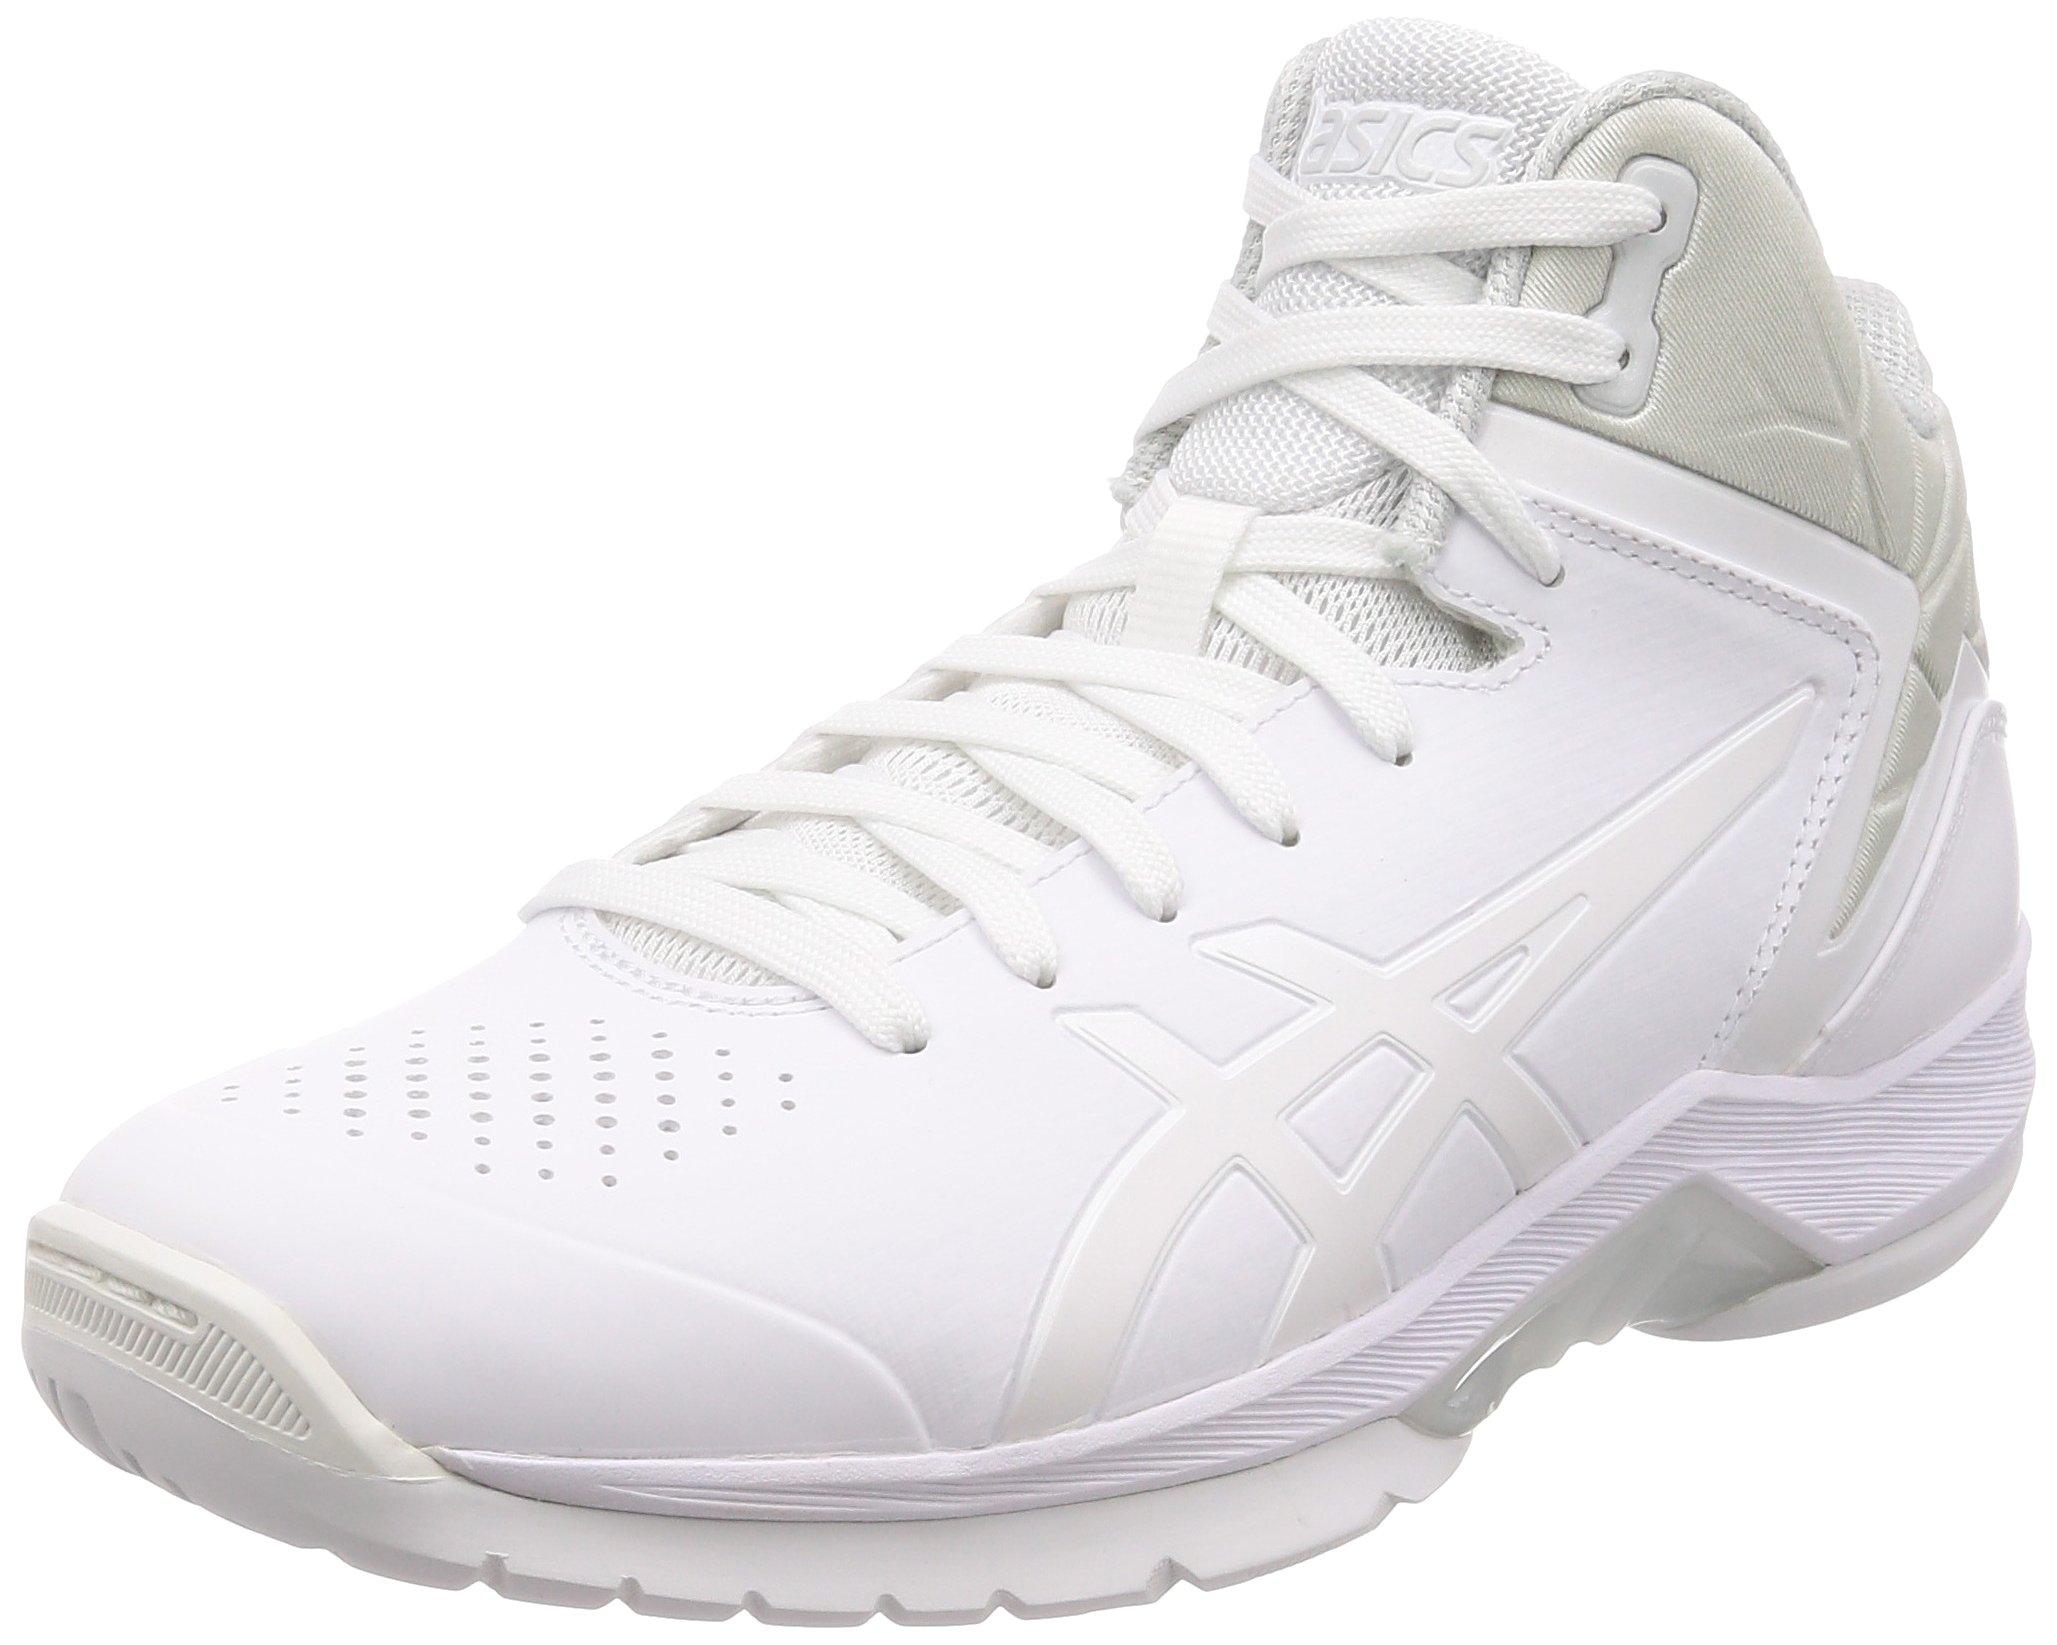 アシックス バスケットシューズ GELTRIFORCE 3 現行モデル メンズ ホワイト/ホワイト 26.5 cm Wide